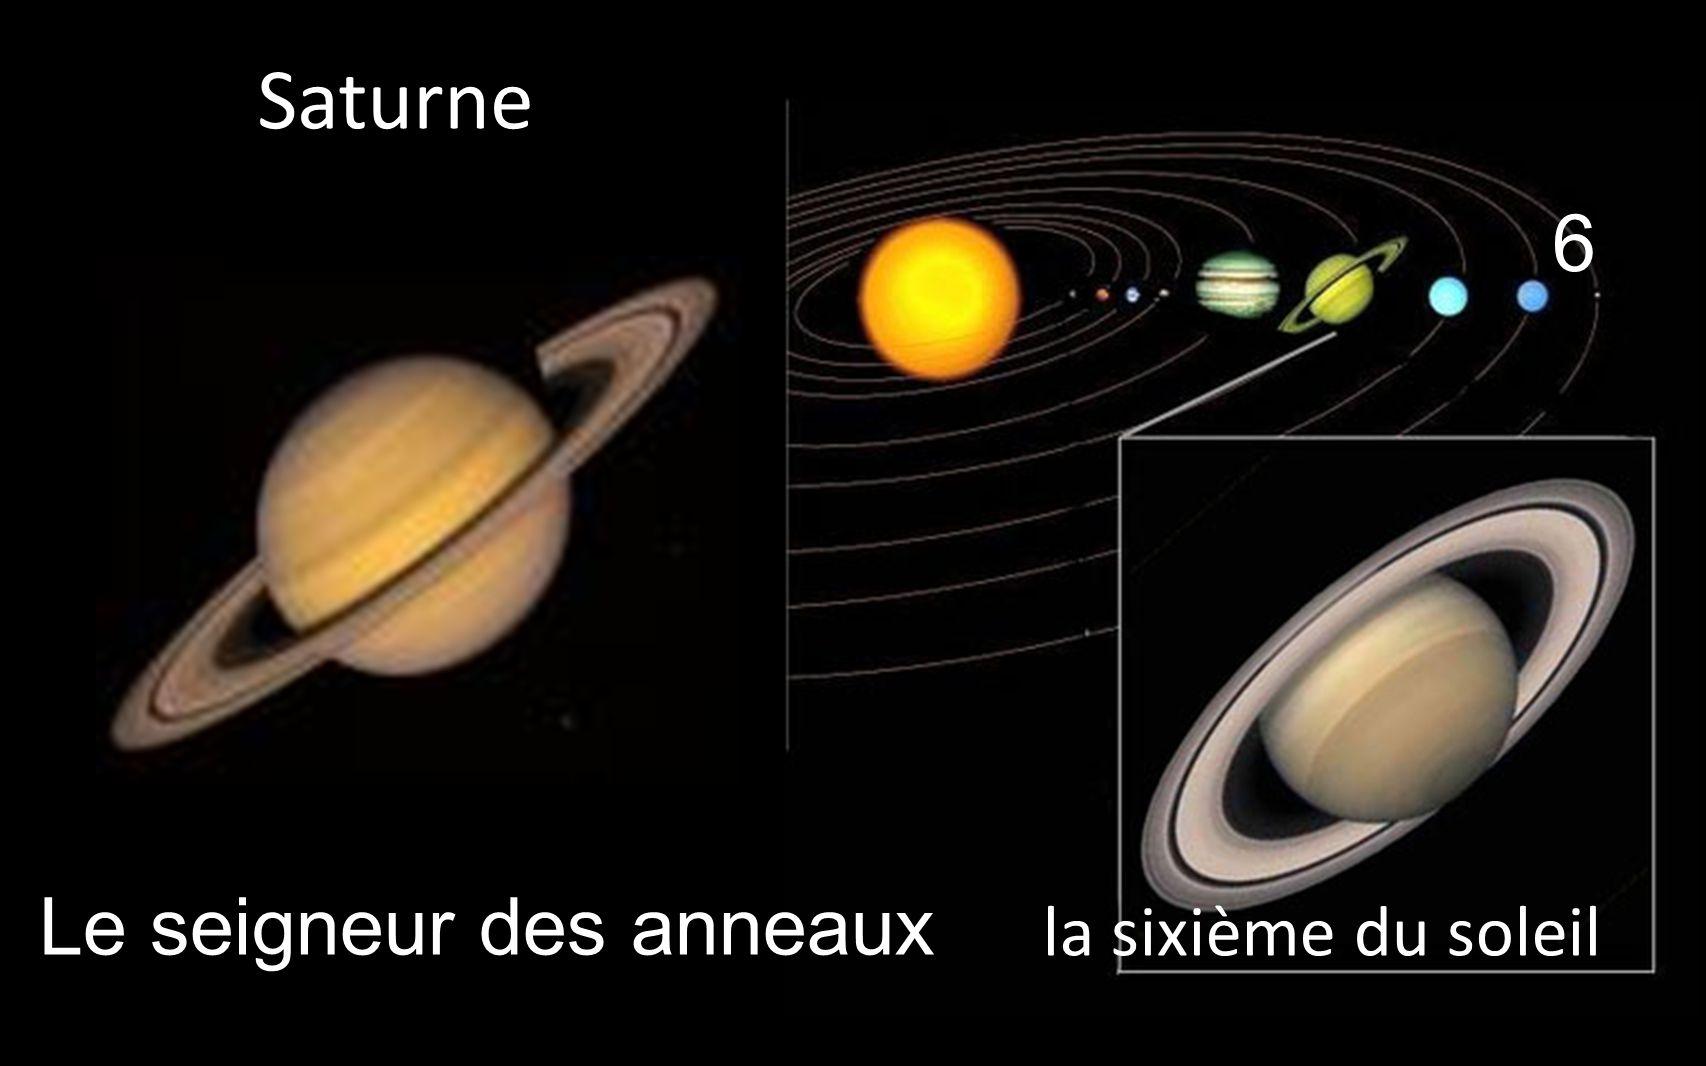 _ Saturne _ Le seigneur des anneaux la sixième du soleil 6